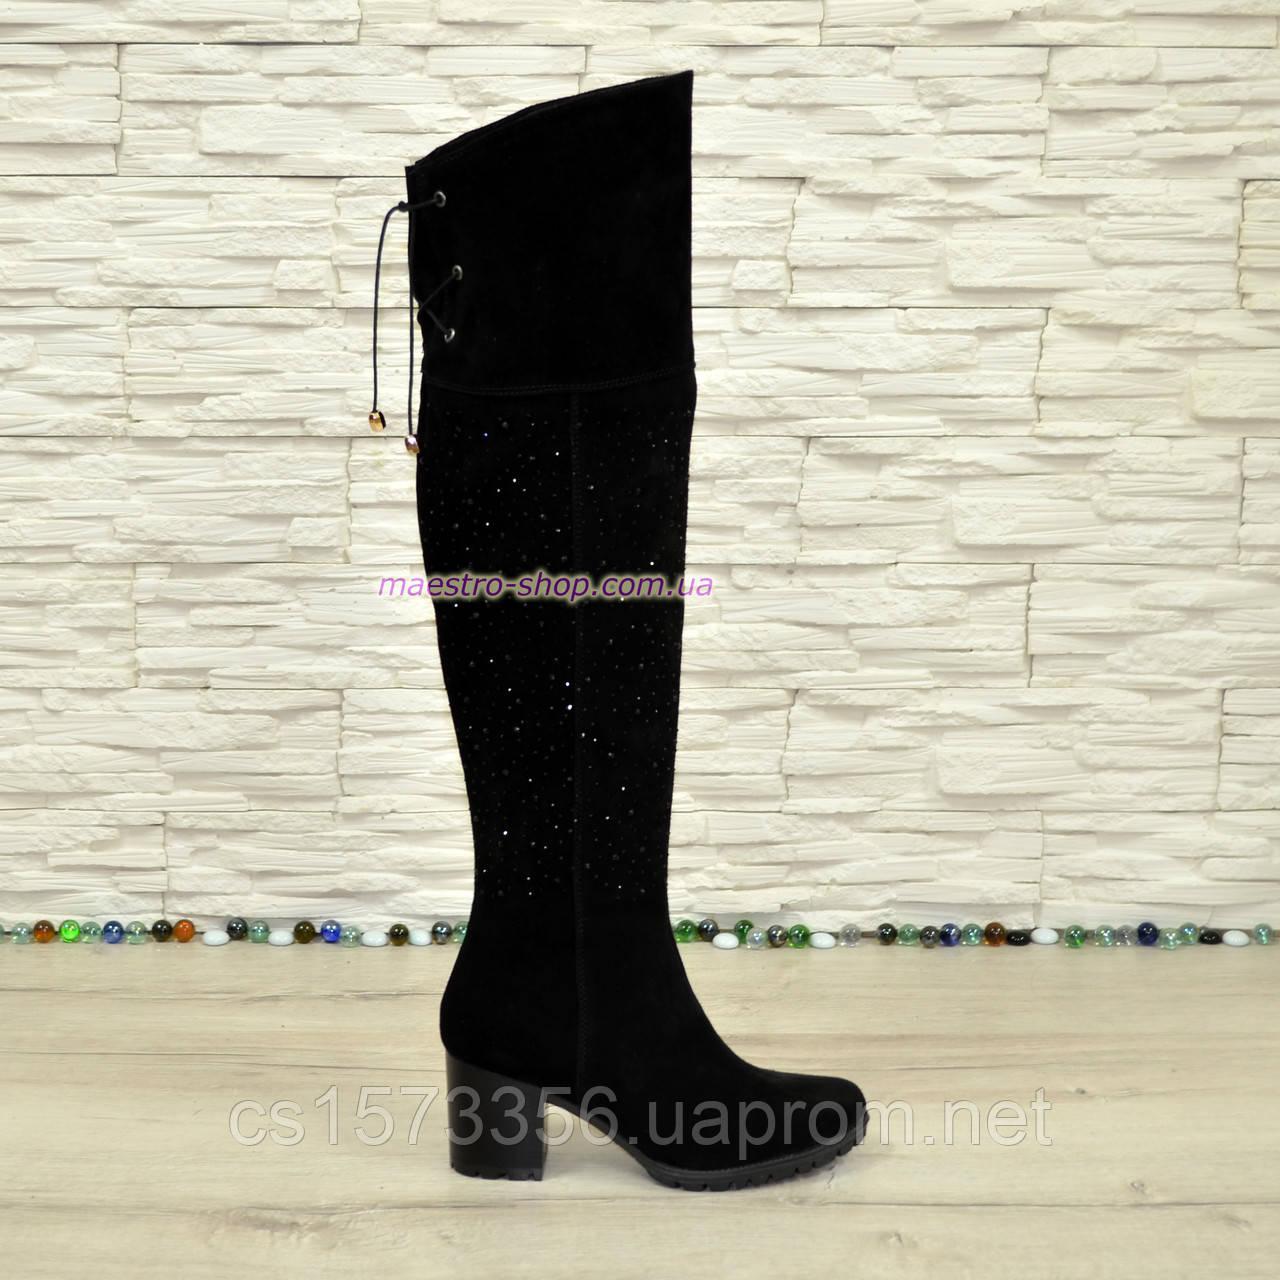 Ботфорты зимние замшевые черного цвета, декорированы накаткой камней.